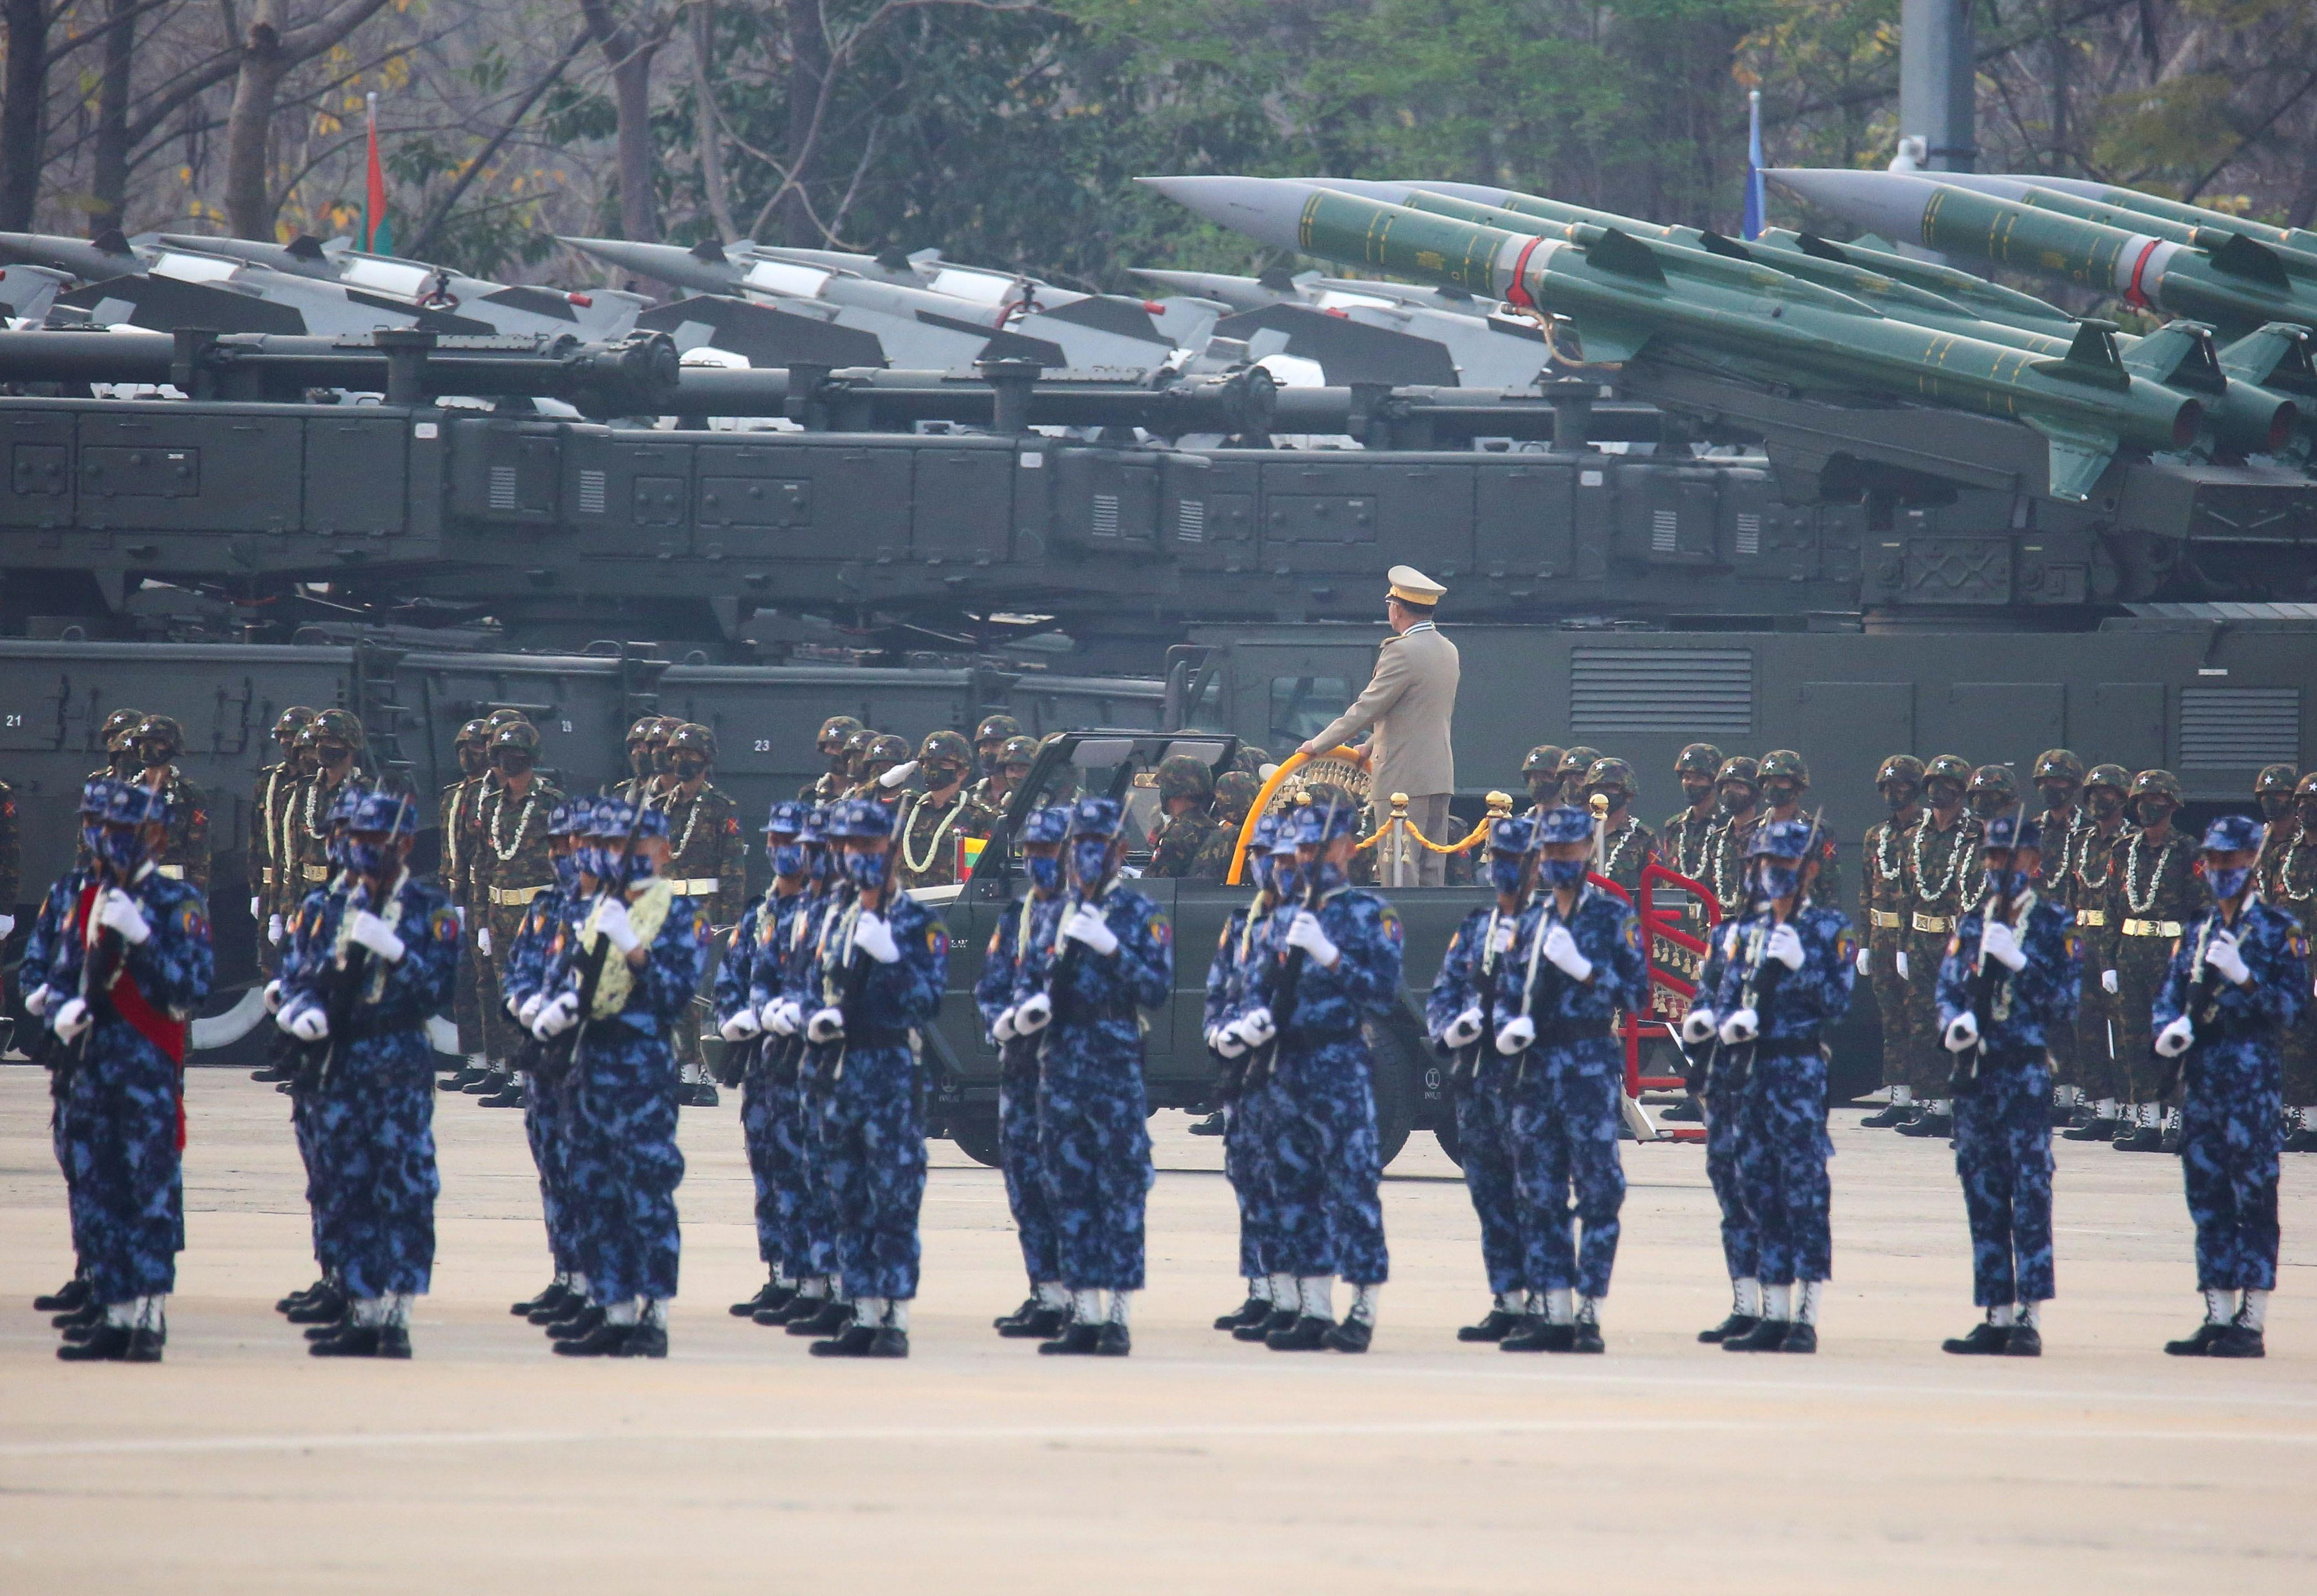 緬甸軍政府,武裝組織,翁山蘇姬,軍人節,溫敏,敏昂萊,克倫邦,緬甸,軍警,橡膠子彈